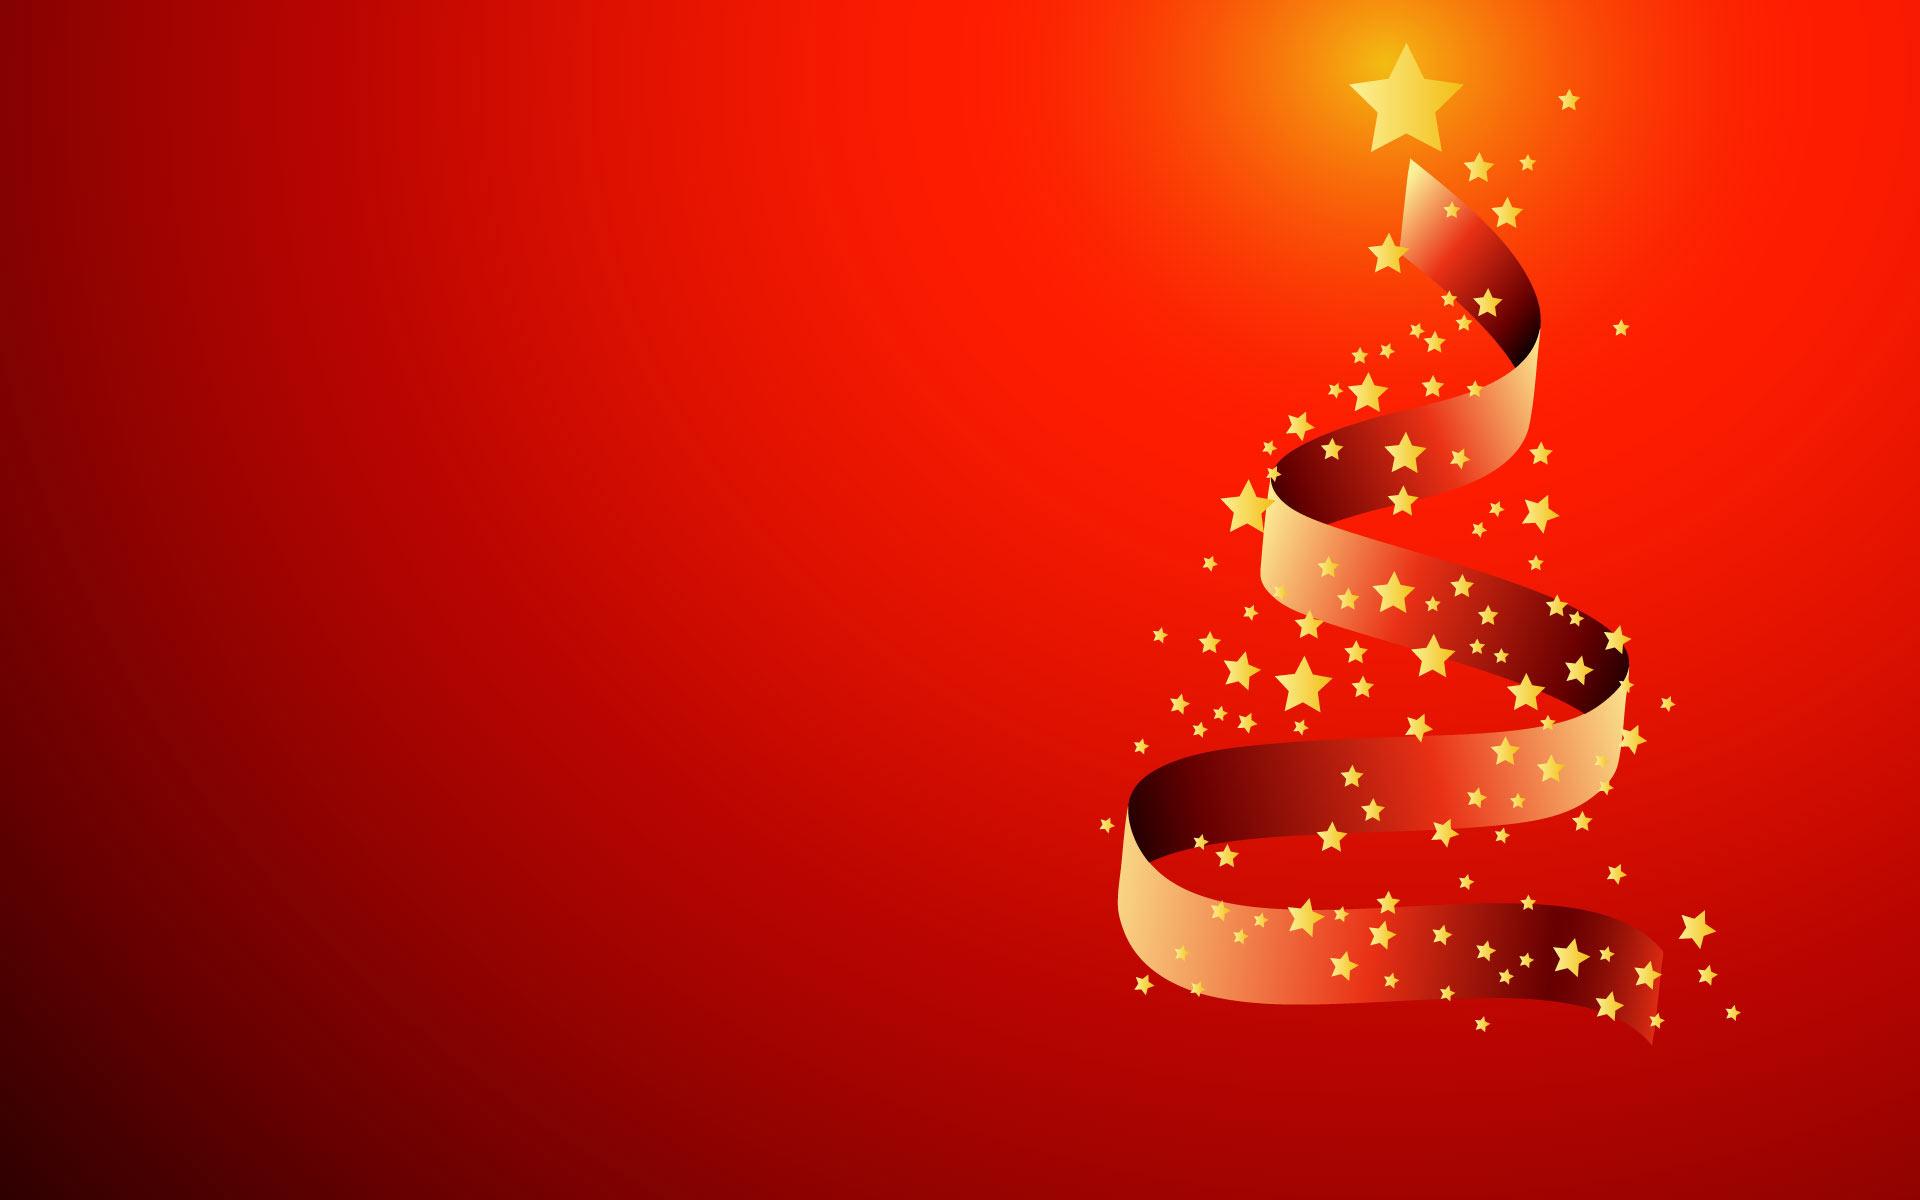 Sfondi Natalizi Jpg.Cosa Fare A Natale A Udine E Dintorni Gli Eventi Per La